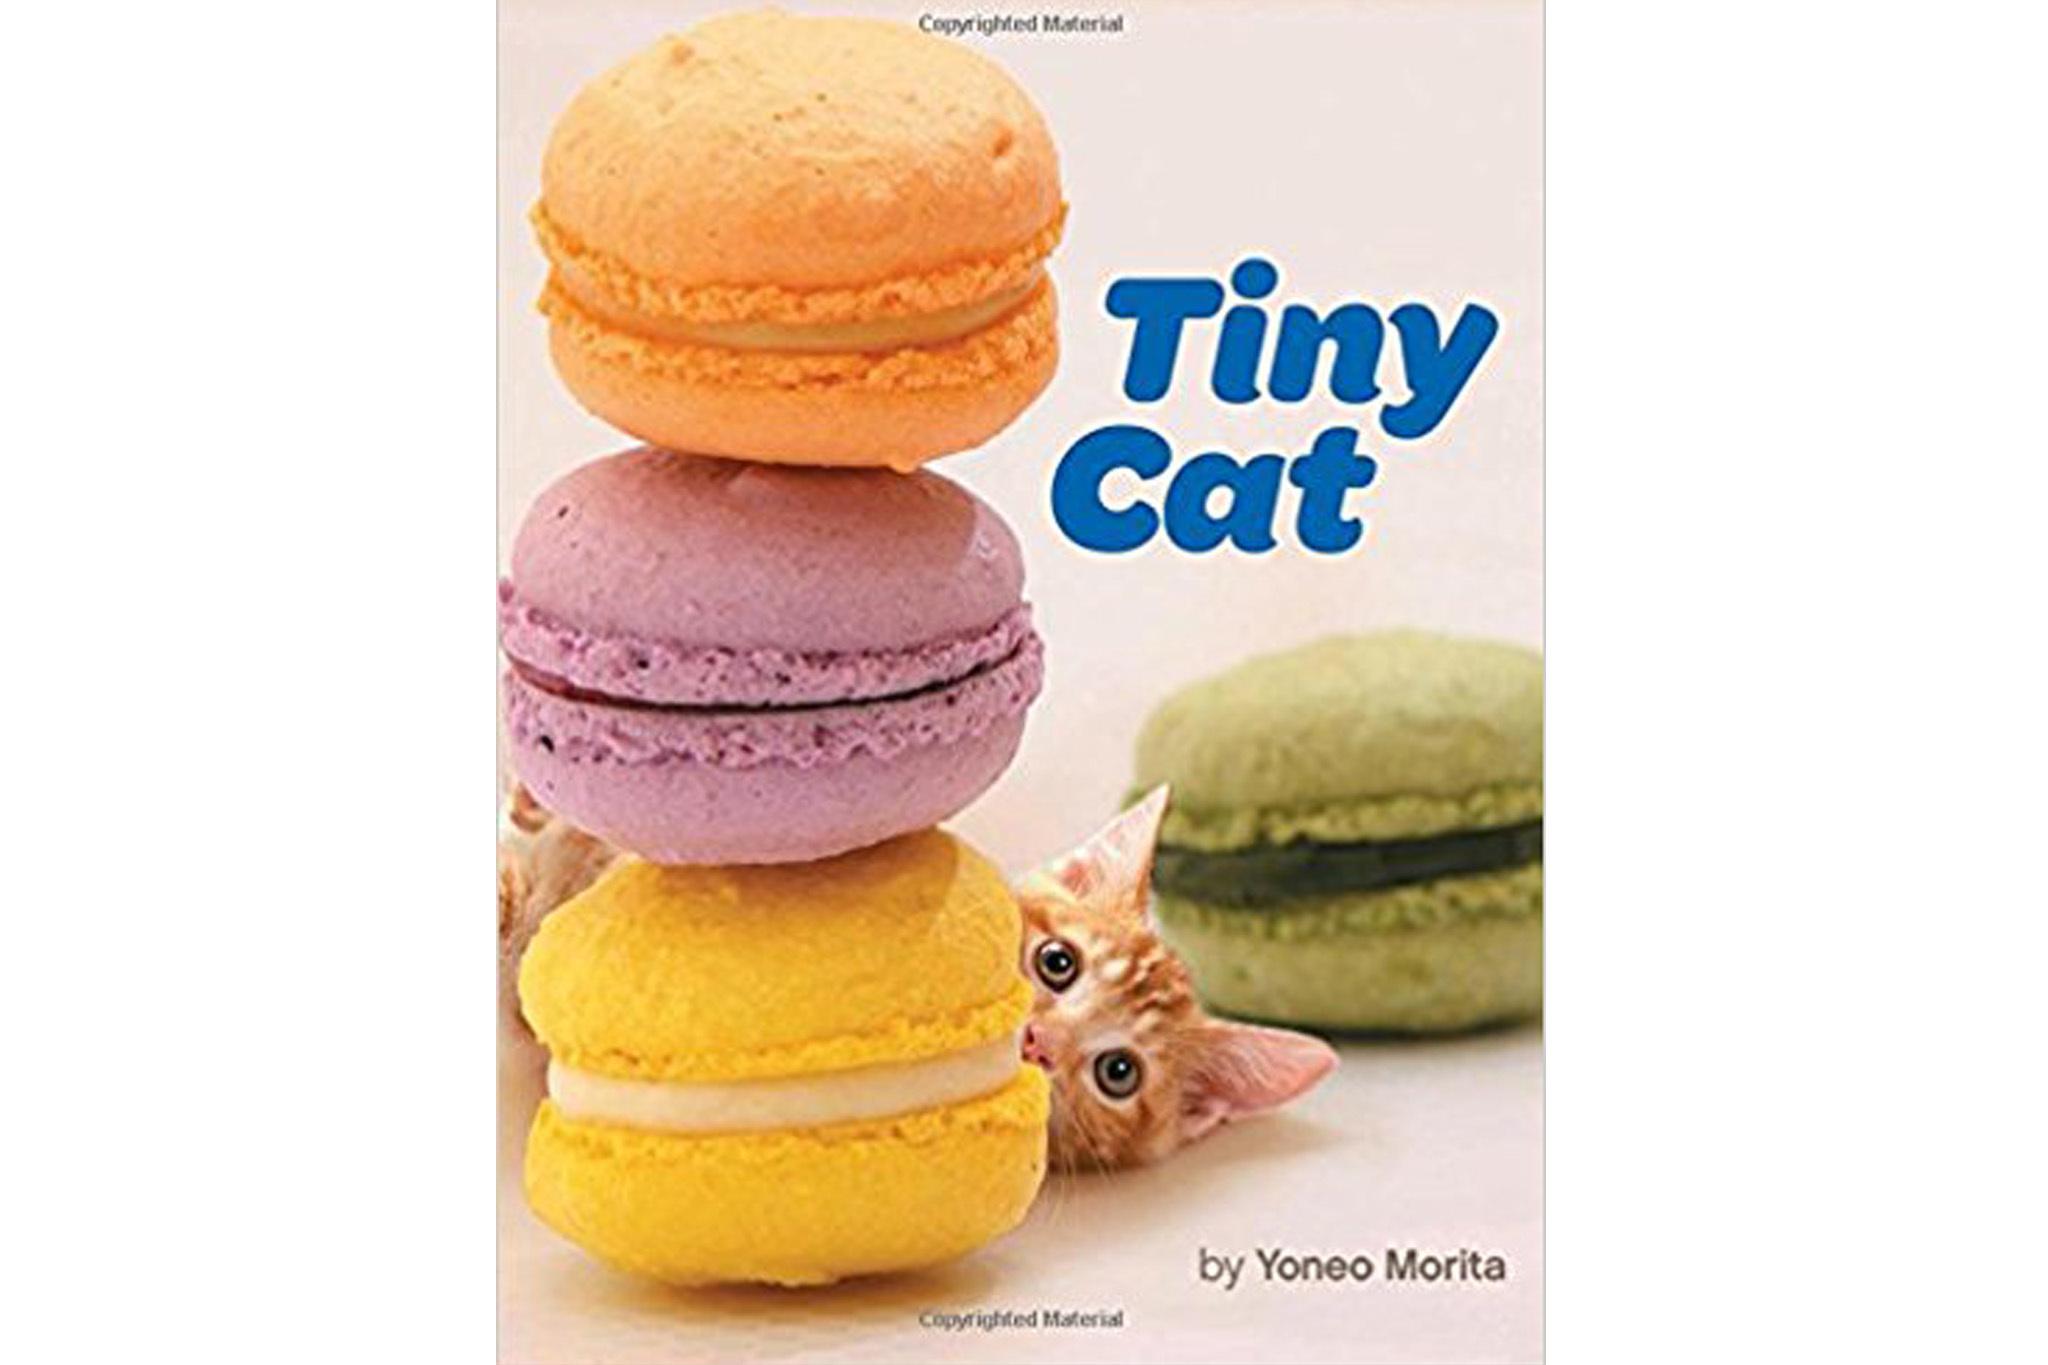 Tiny Cat by Yoneo Morita